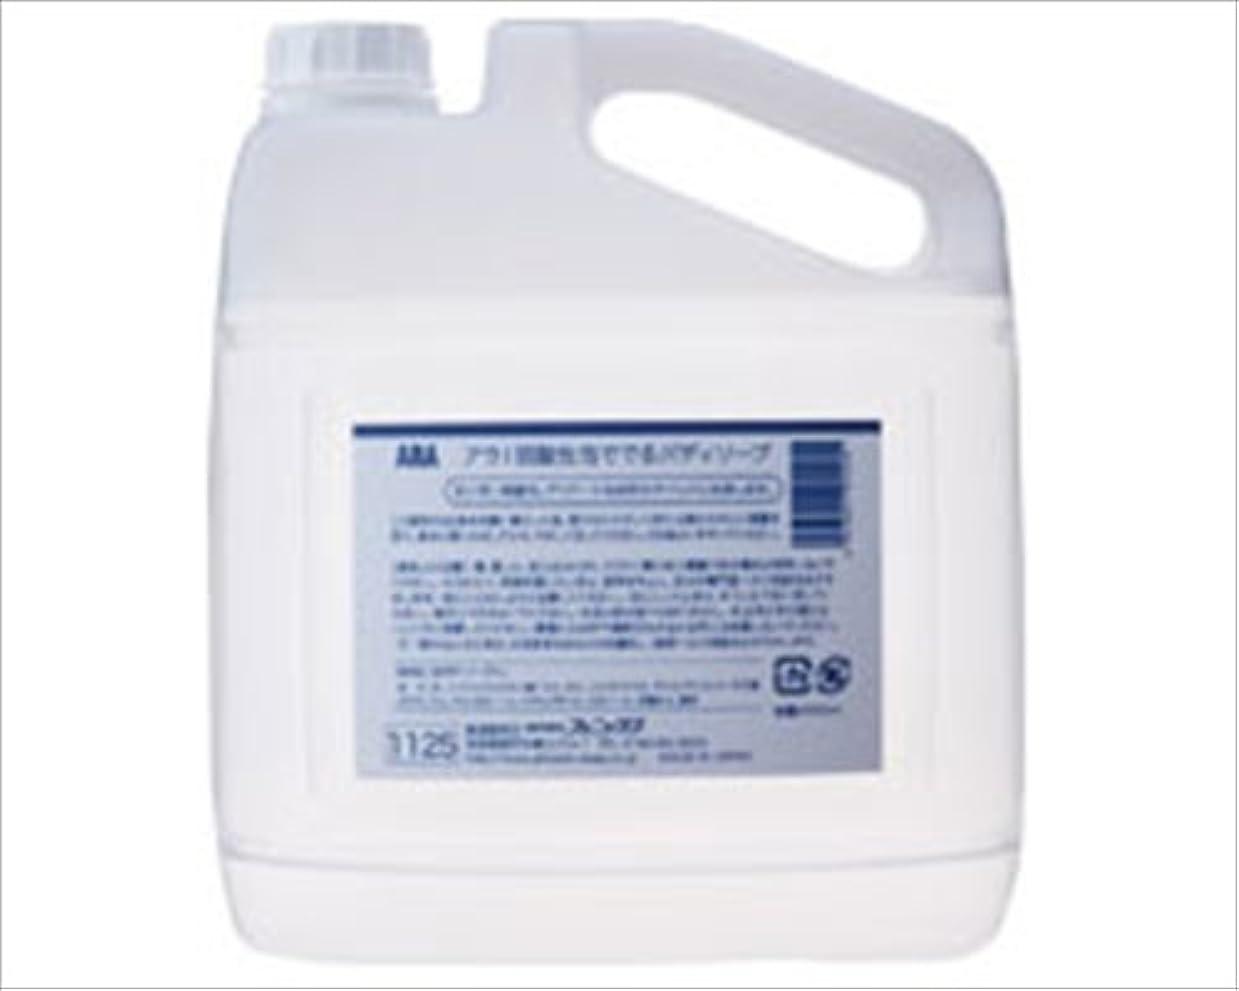 容疑者アクチュエータトーナメント弱酸性泡ででるボディソープ (アラ) 4L /7-2238-02